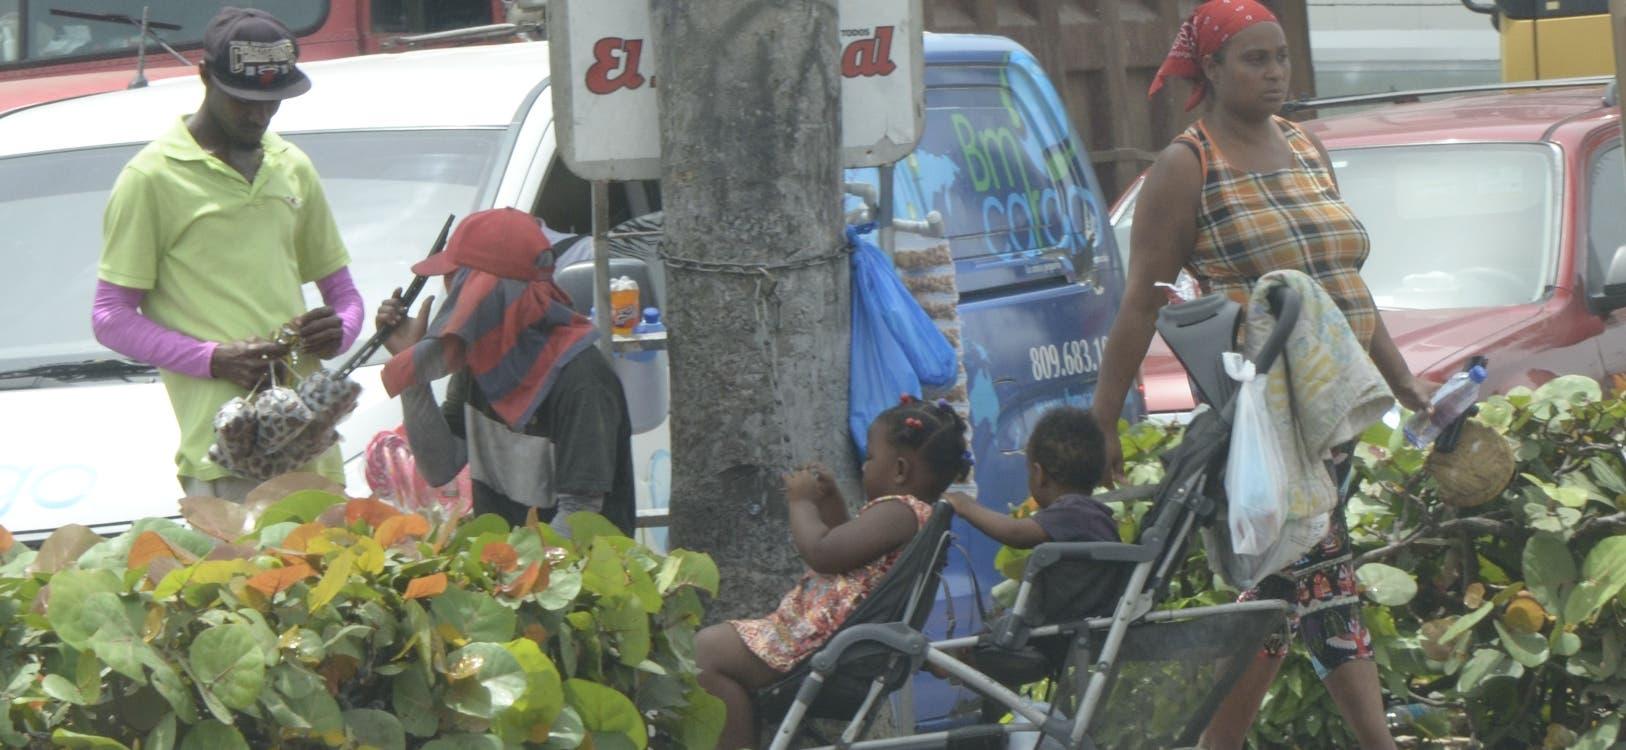 Los pedigüeños y vendedores haitianos copan las vías públicas